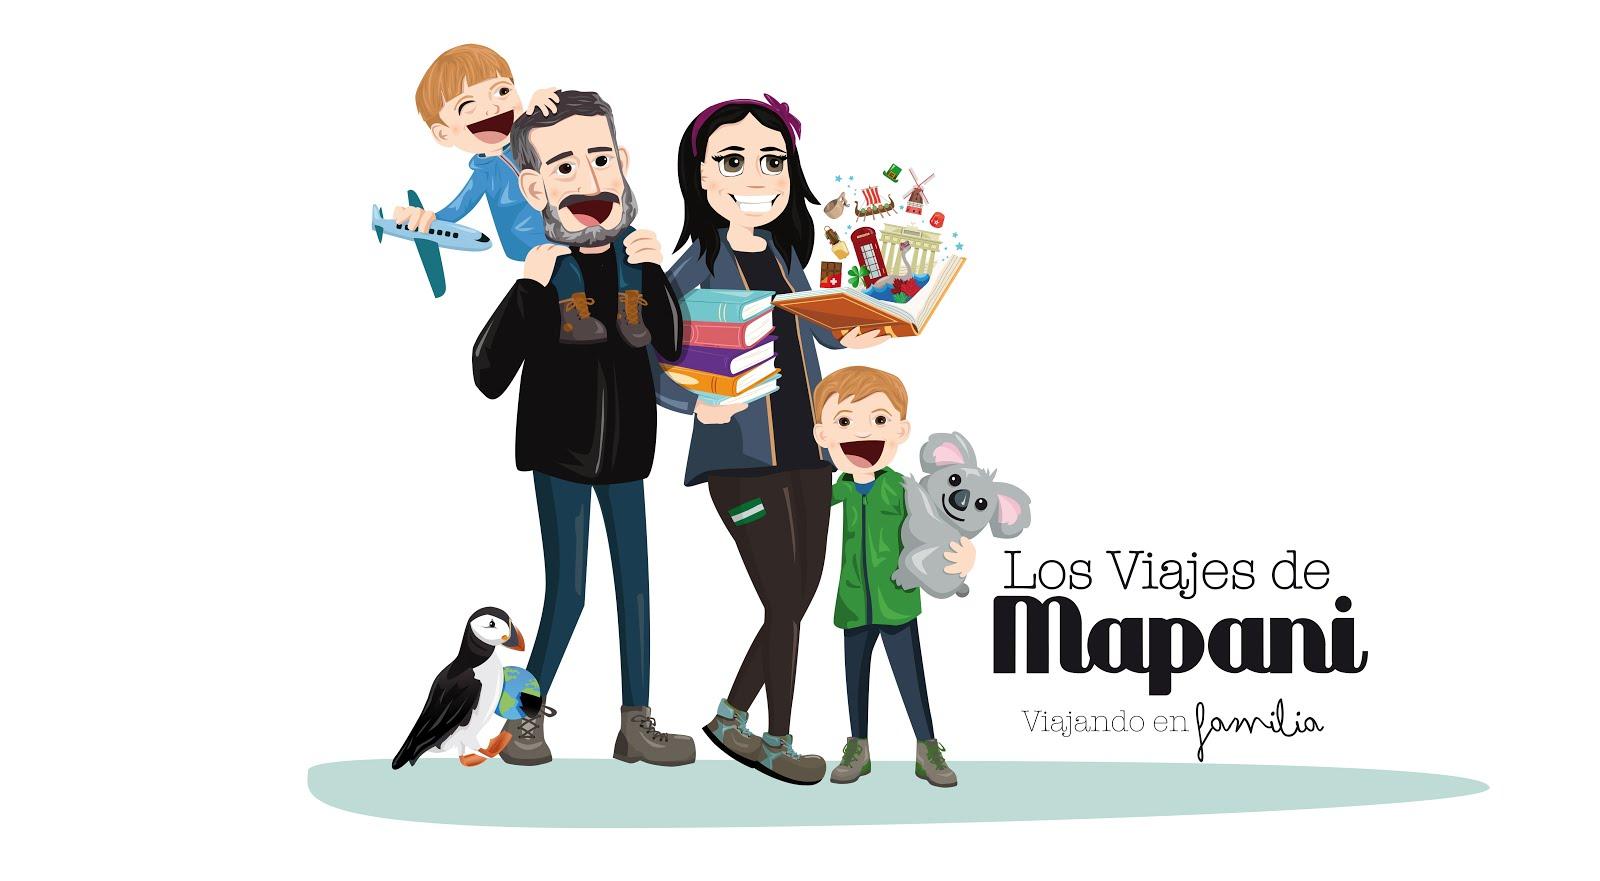 Los viajes de Mapani